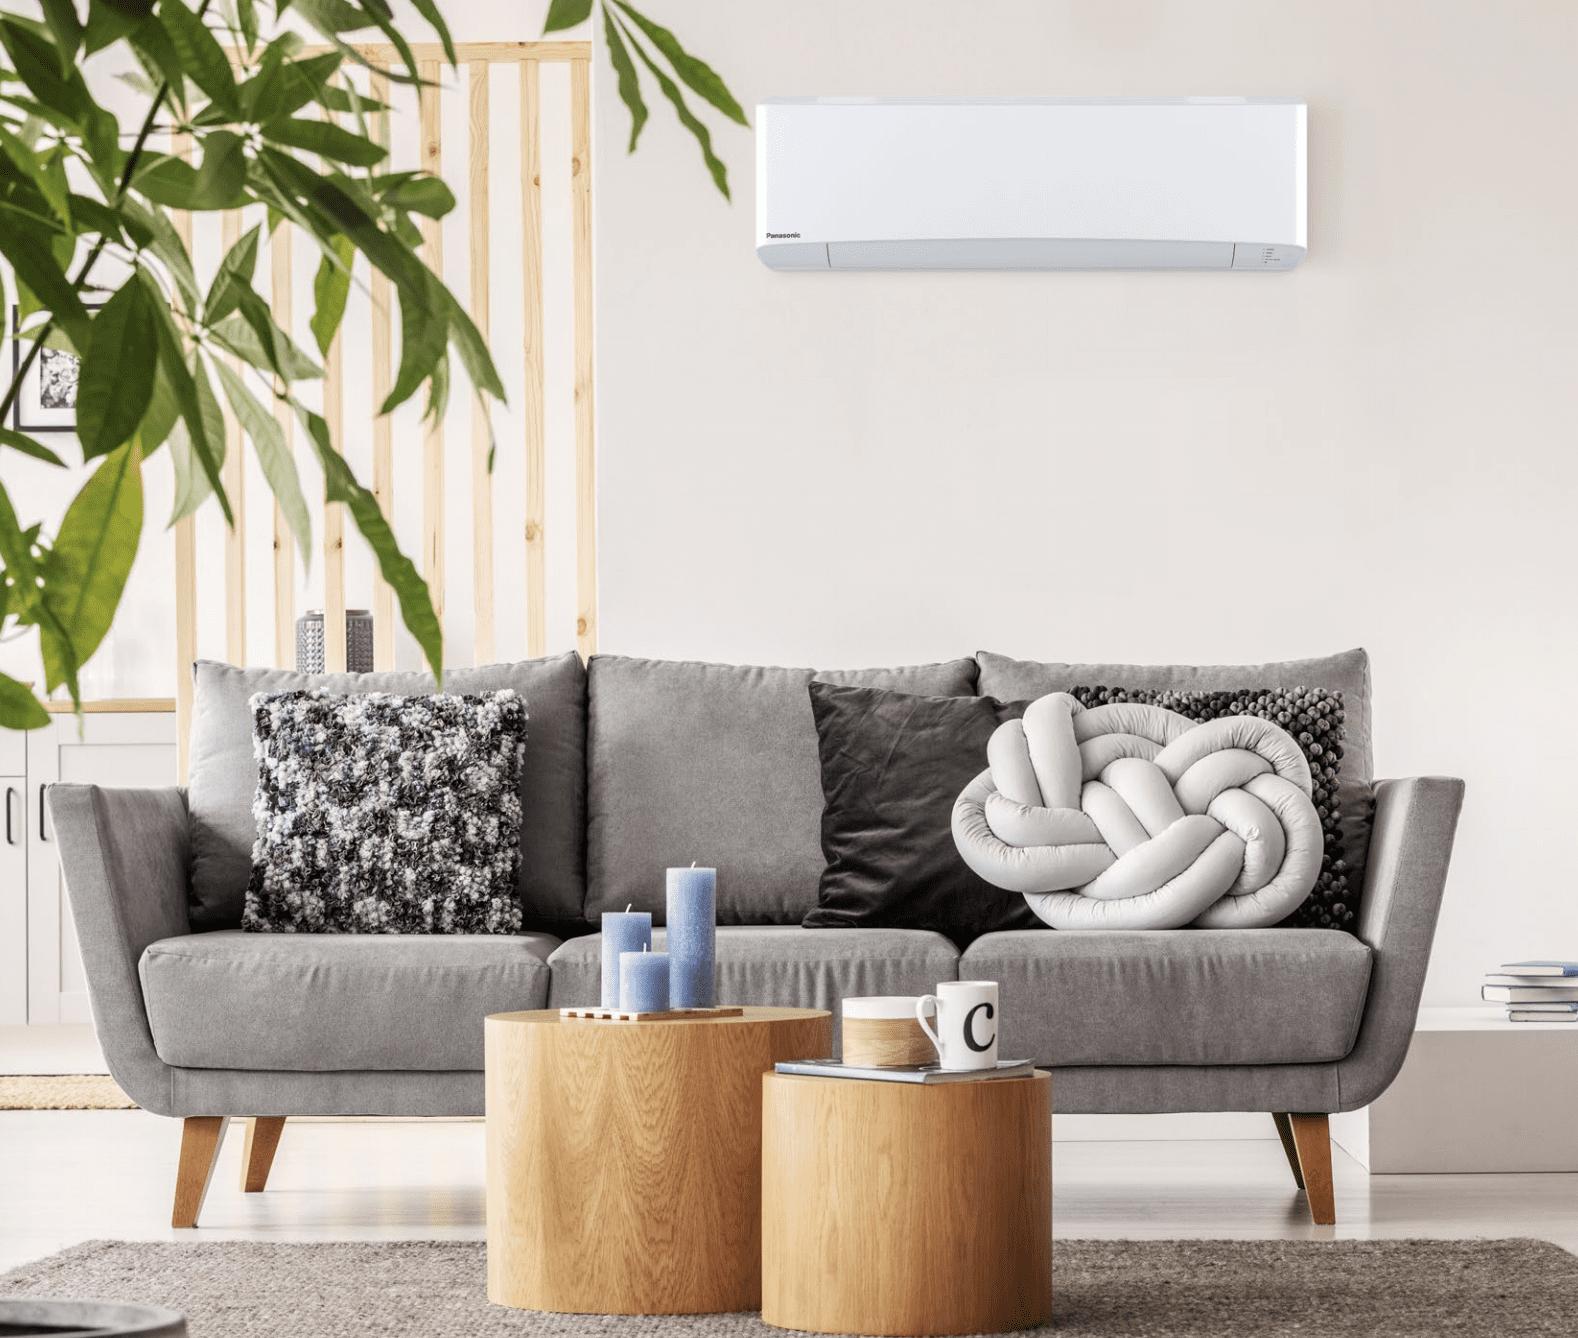 Luft-luft Varmepumper